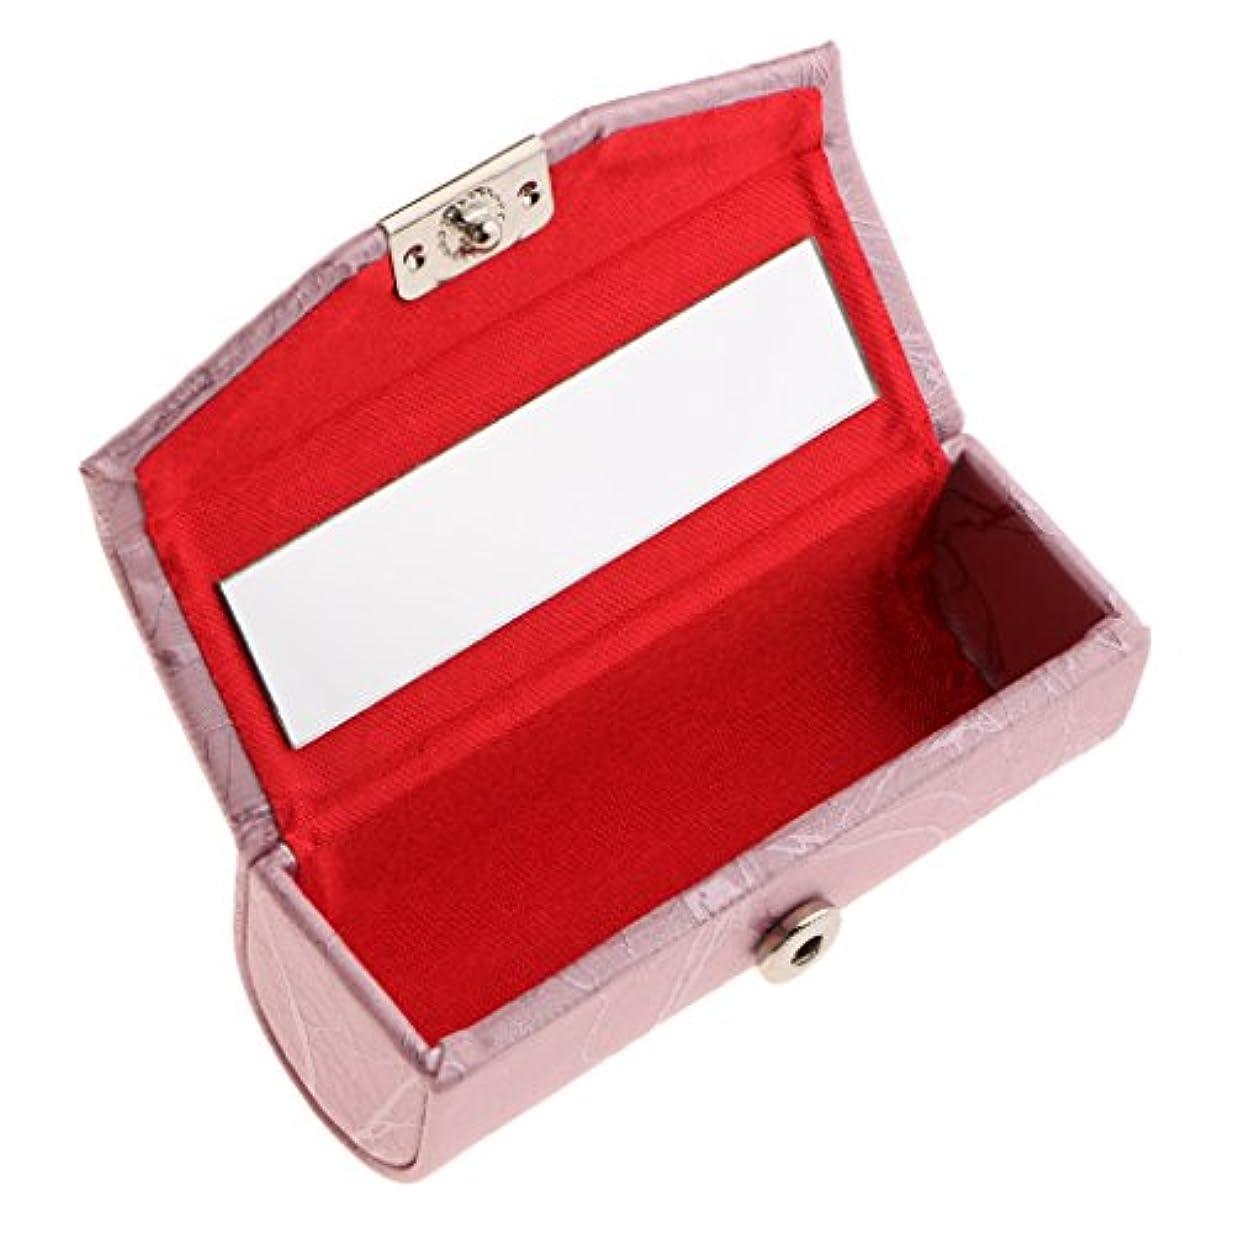 どきどき姿を消すトピックリップスティックケース ミラー付き レザー リップスティック リップグロスケース 収納ボックス メイクホルダー 多色選べる - ピンク, 説明したように